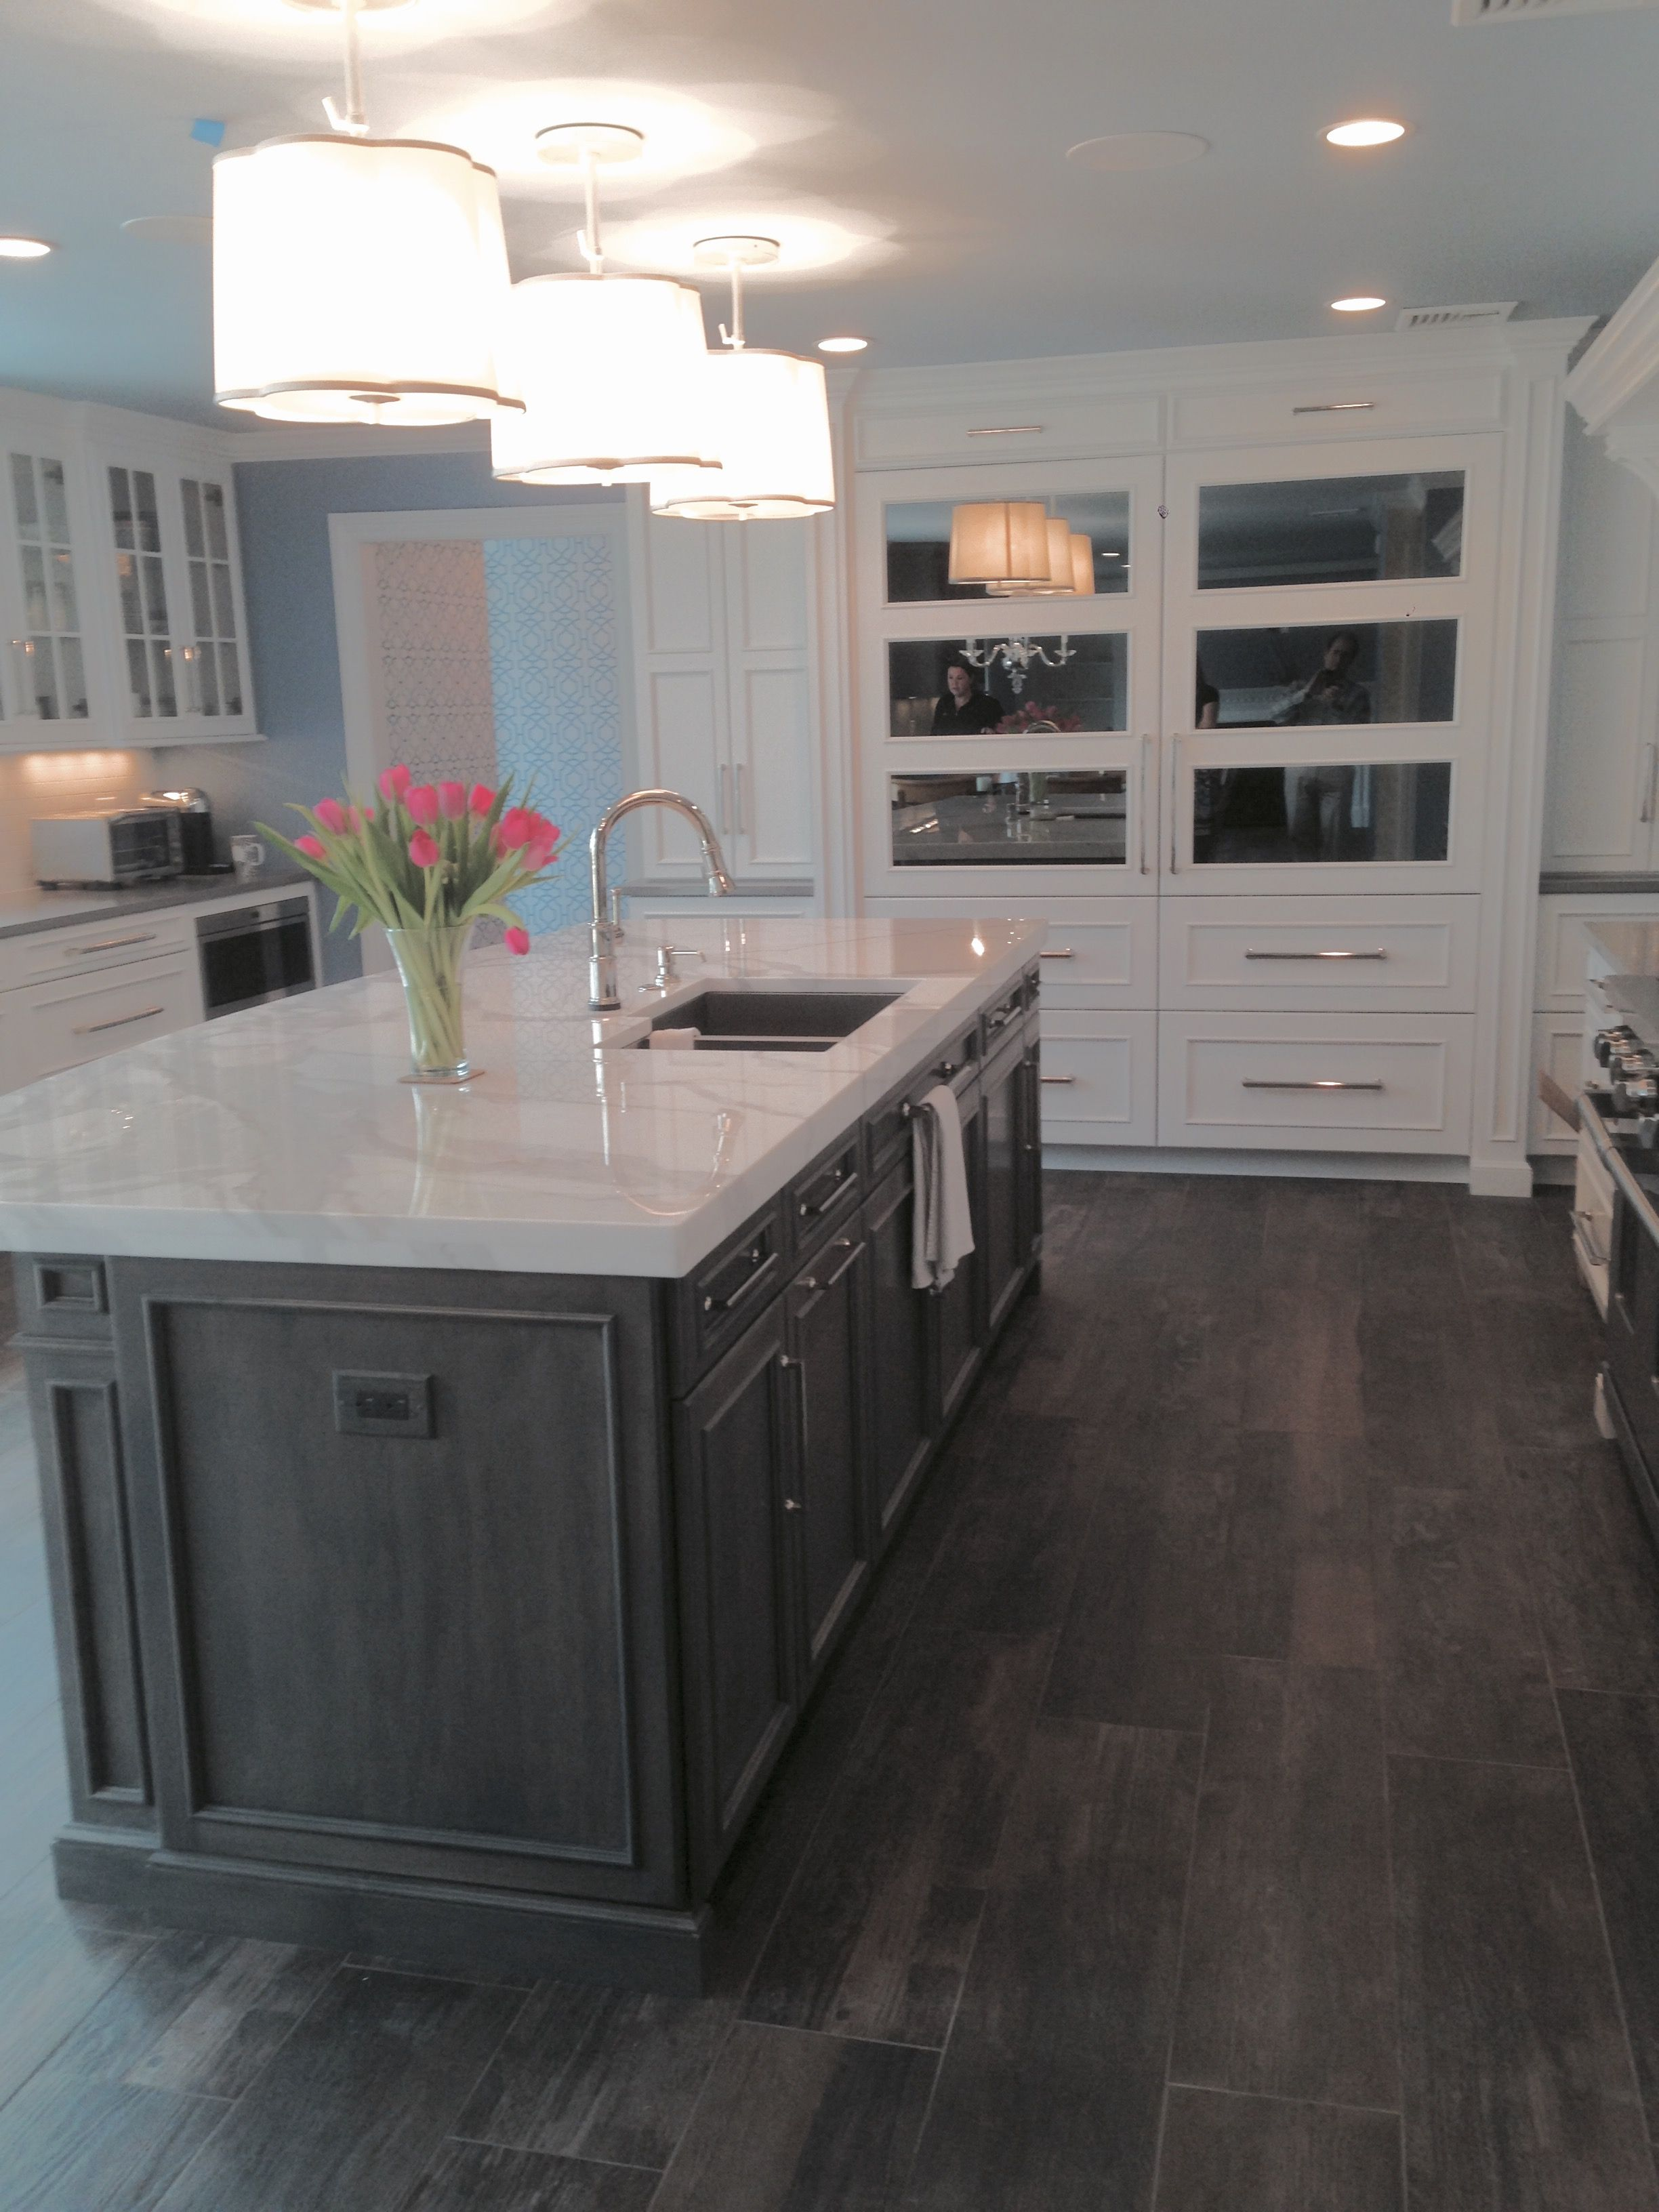 Best Kitchen Gallery: Peter Salerno Inc Design Portfolio Transitional Kitchen Mirrored of Luxurious Kitchen Designs Refrigerator on rachelxblog.com